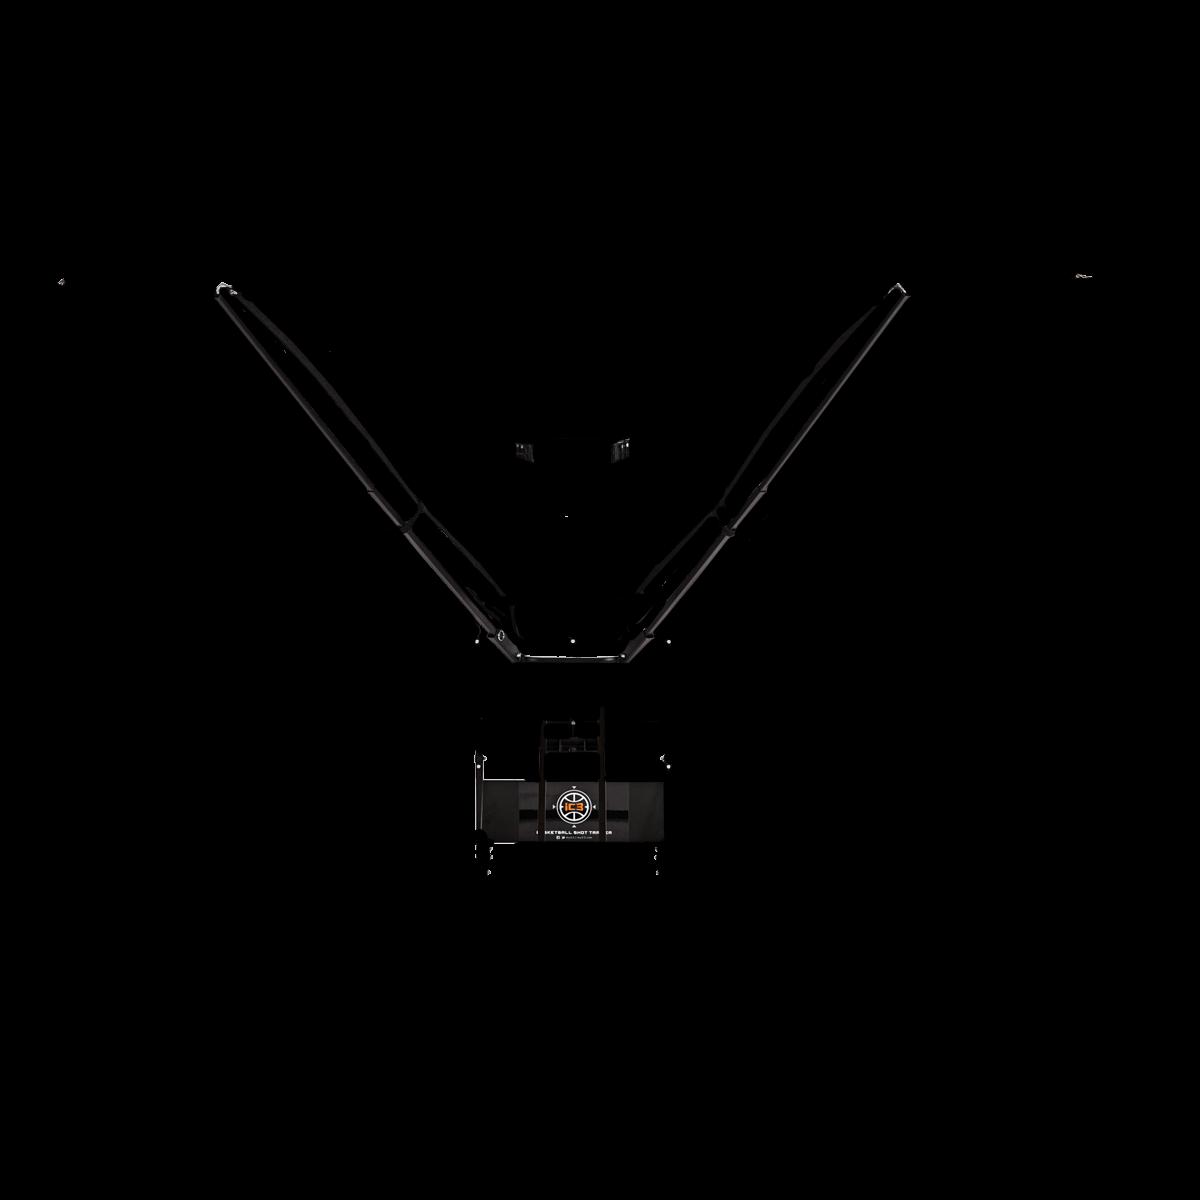 ic3-popup